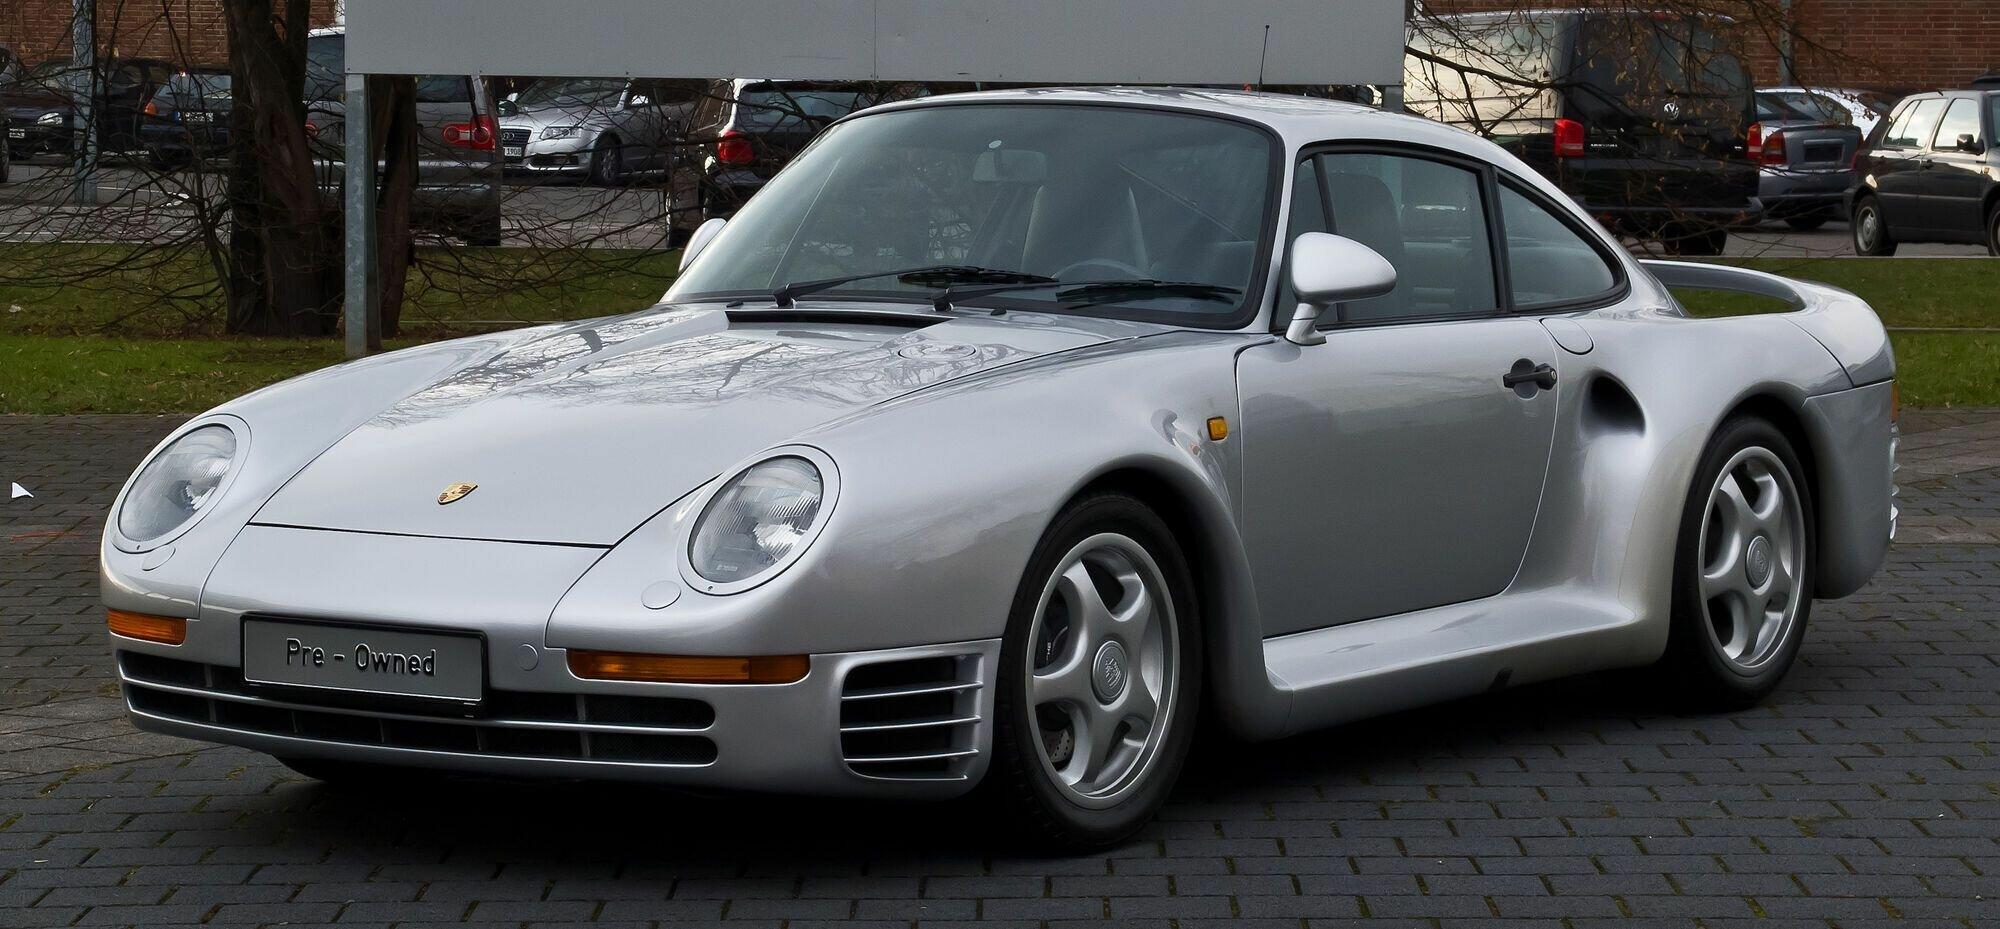 Билл Гейтс 10 лет не мог ездить на своем Porsche 959